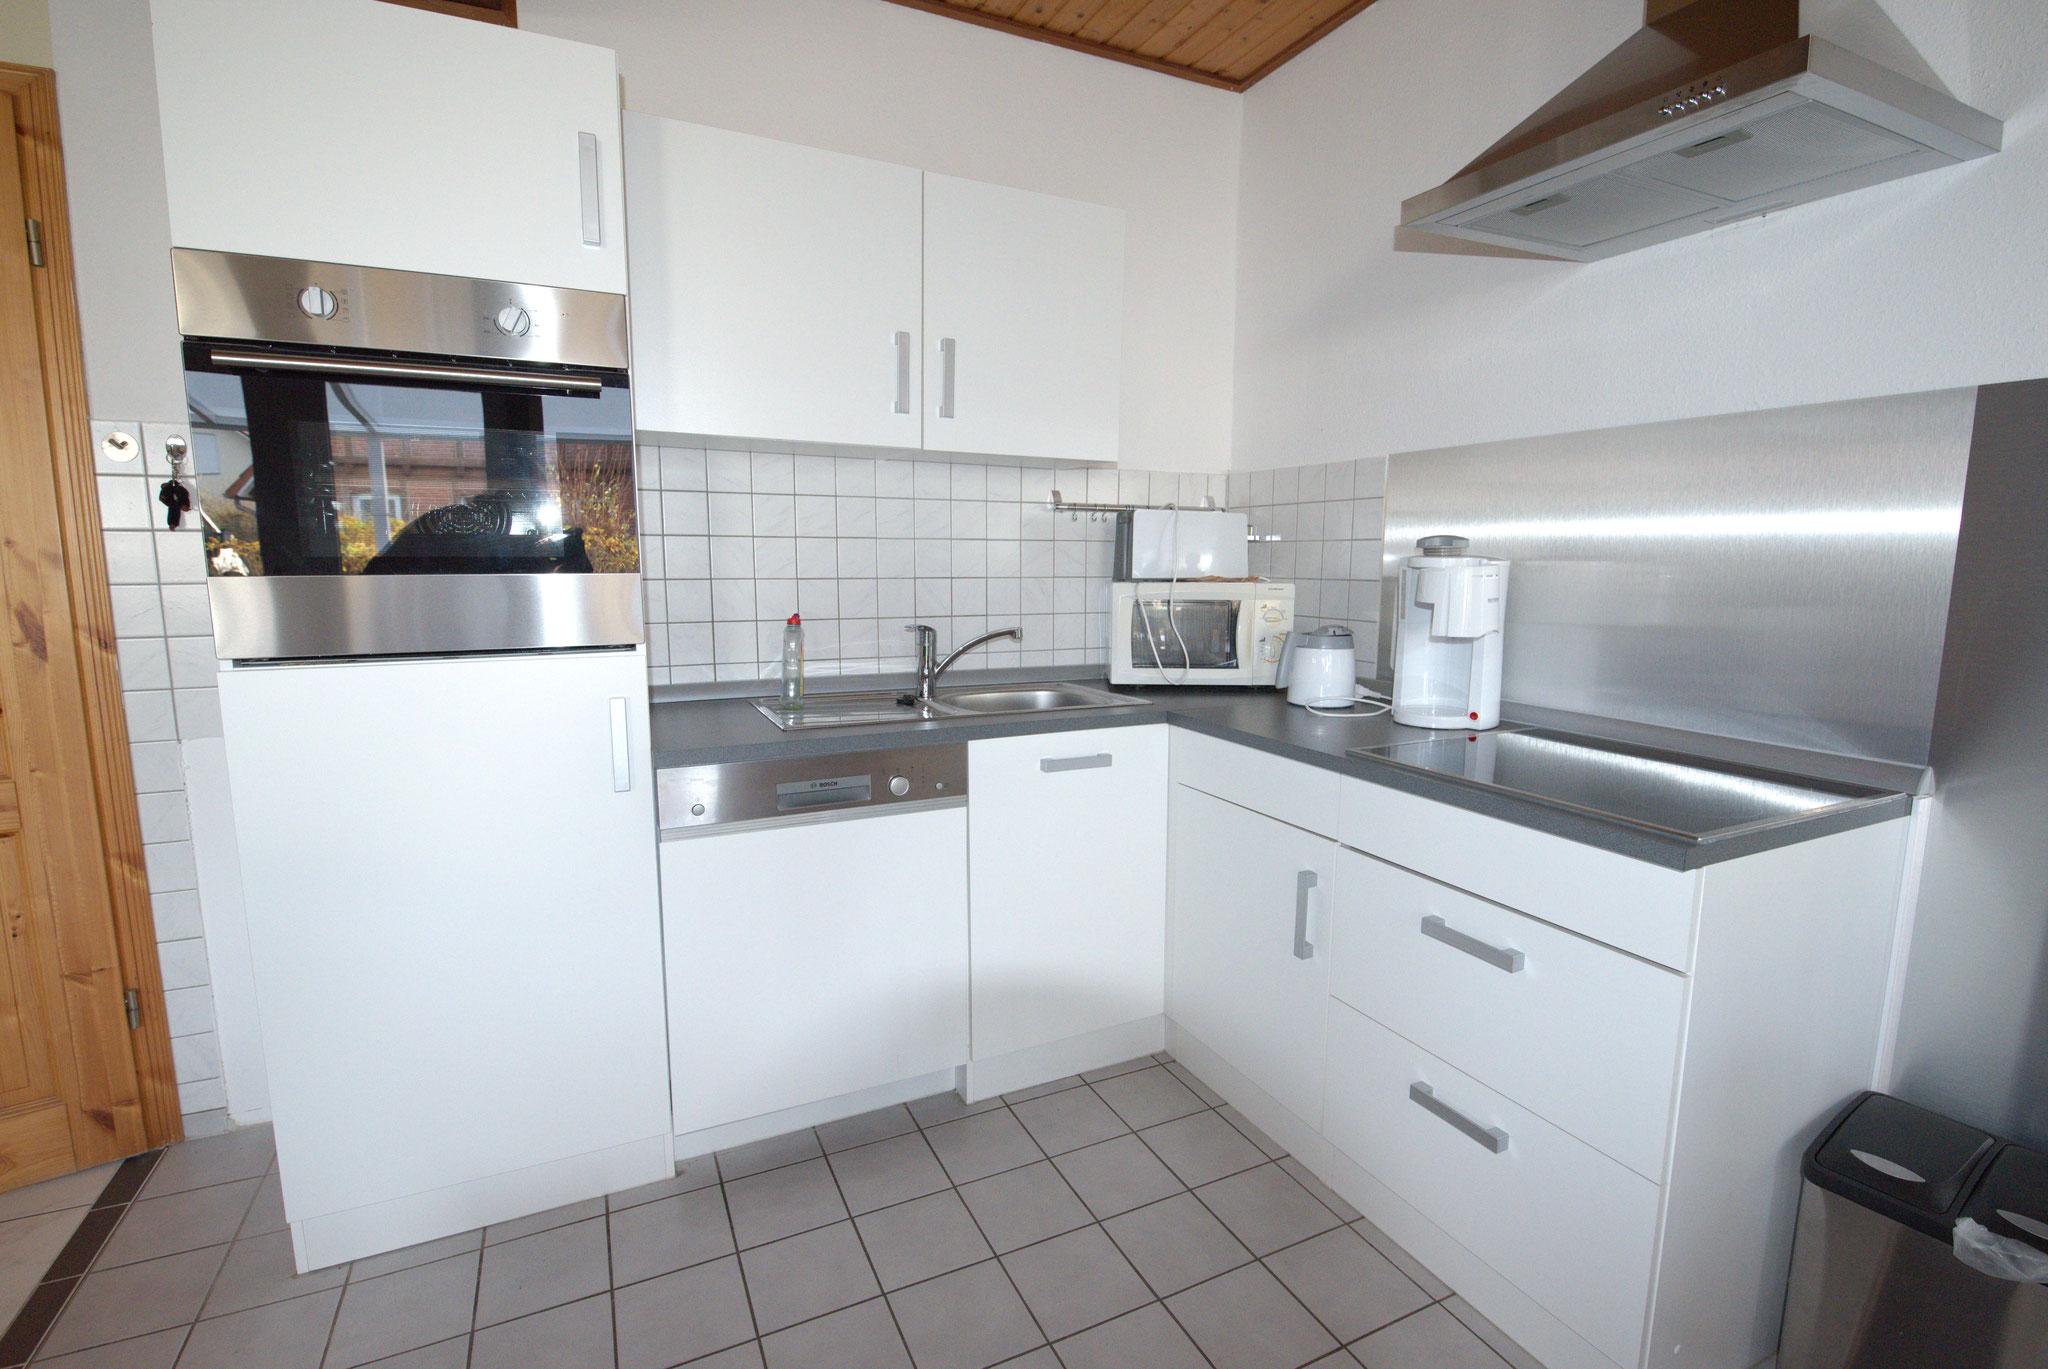 Küchenzeile im Wohn-Essbereich